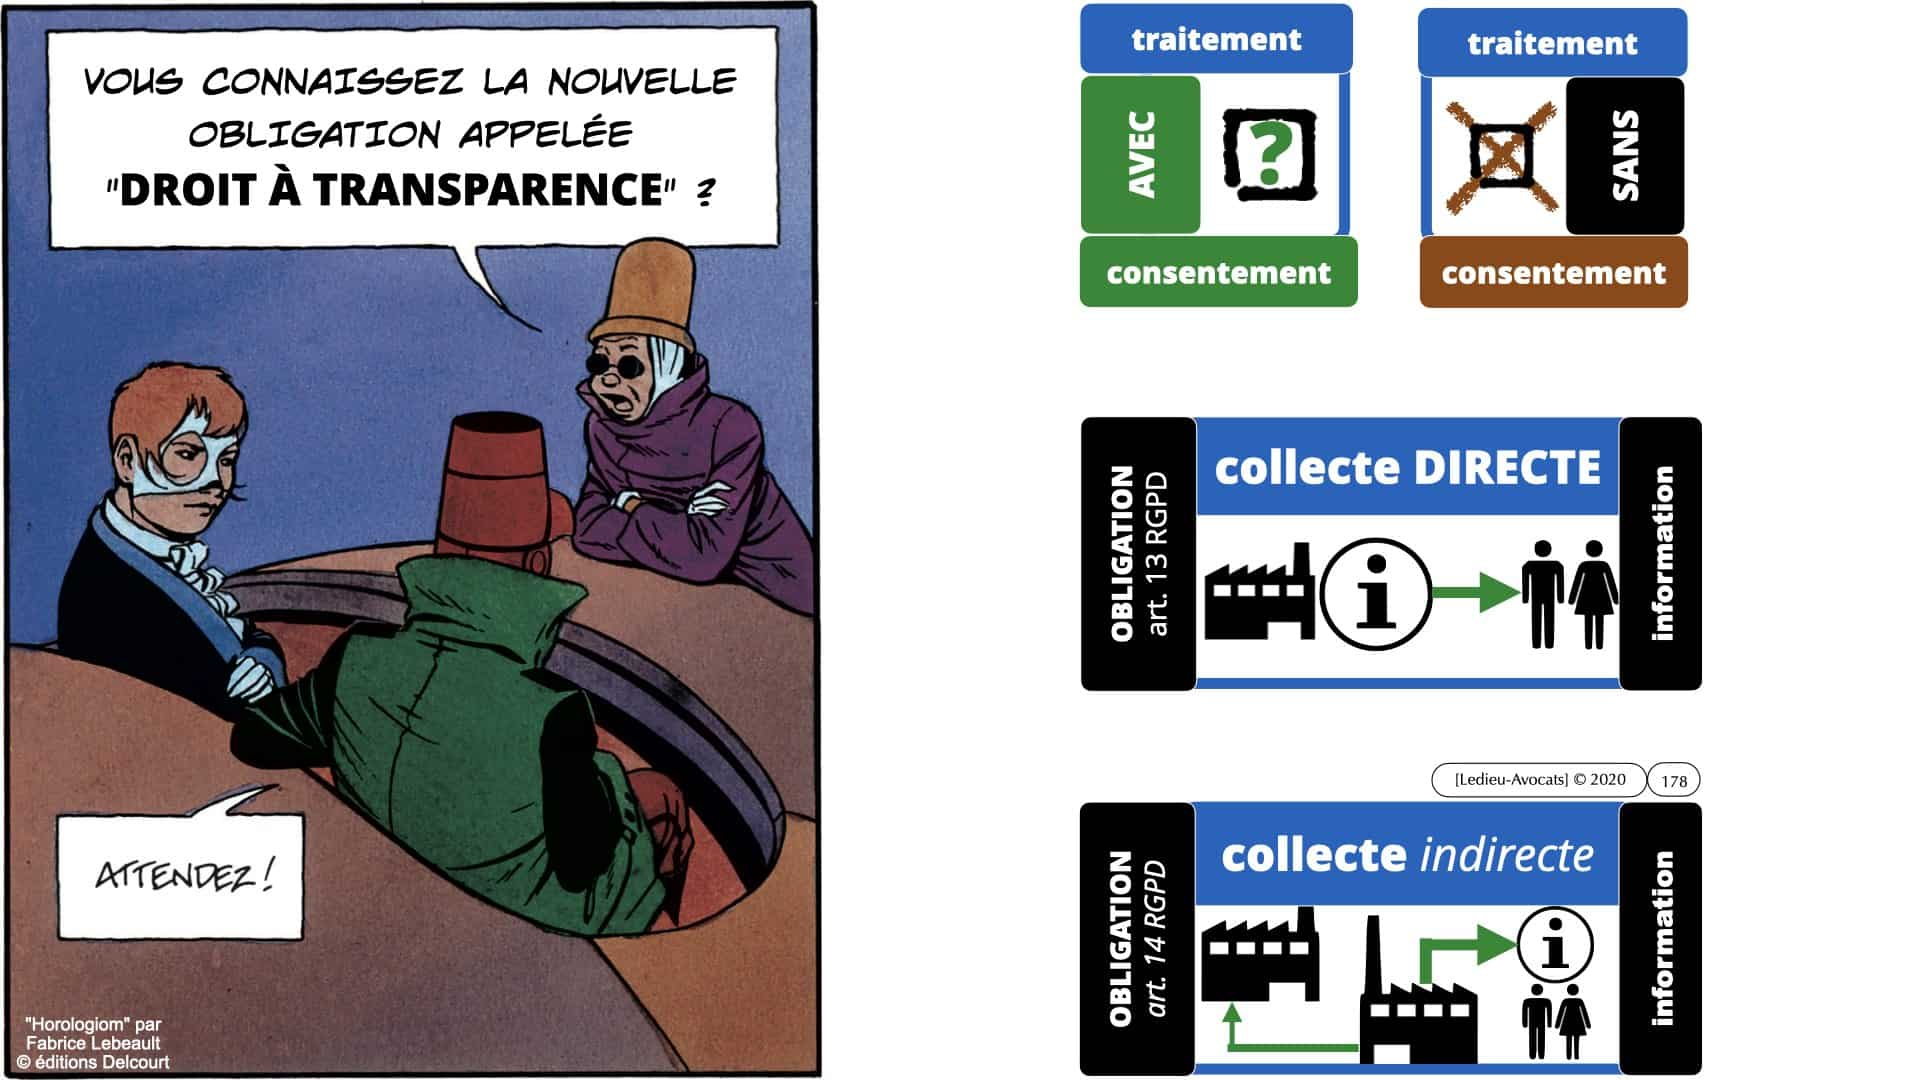 RGPD e-Privacy données personnelles jurisprudence formation Lamy Les Echos 10-02-2021 ©Ledieu-Avocats.178